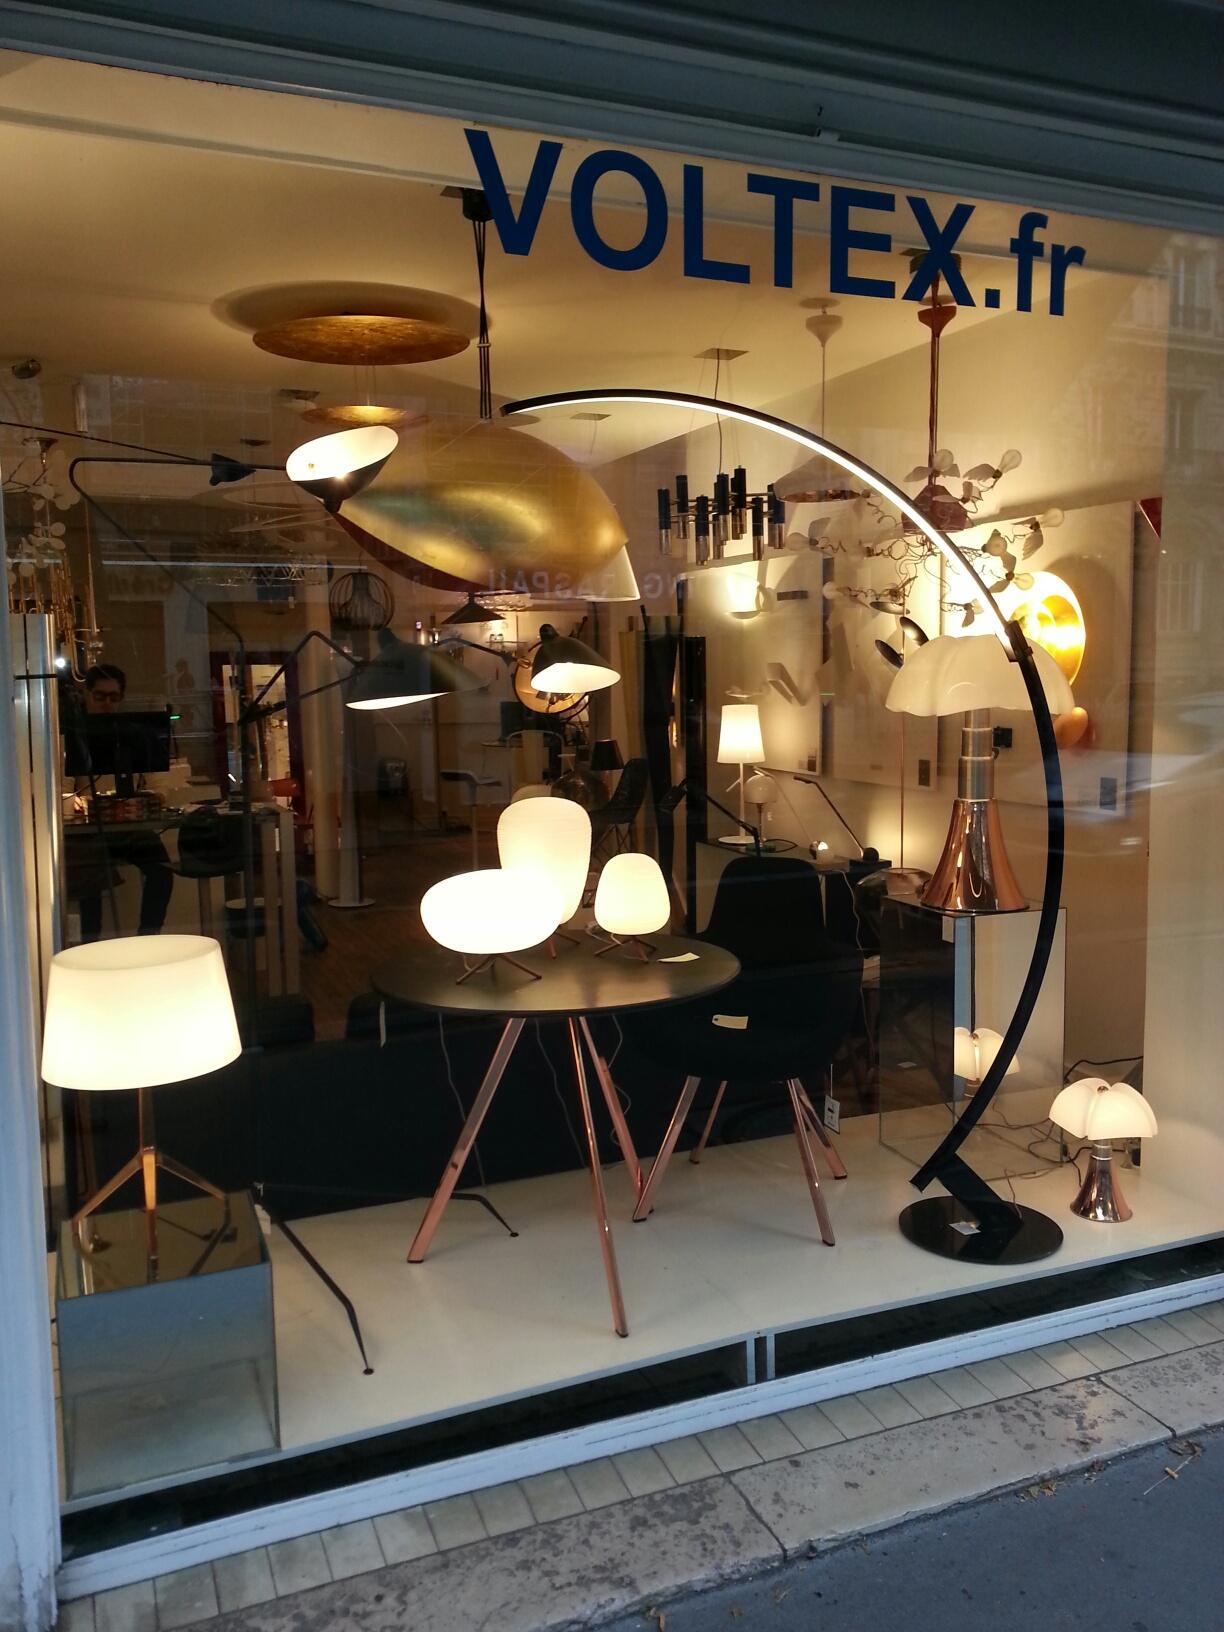 SA Voltex High Quality Furniture And Lighting In The World 1 High Quality  Furniture SA Voltex